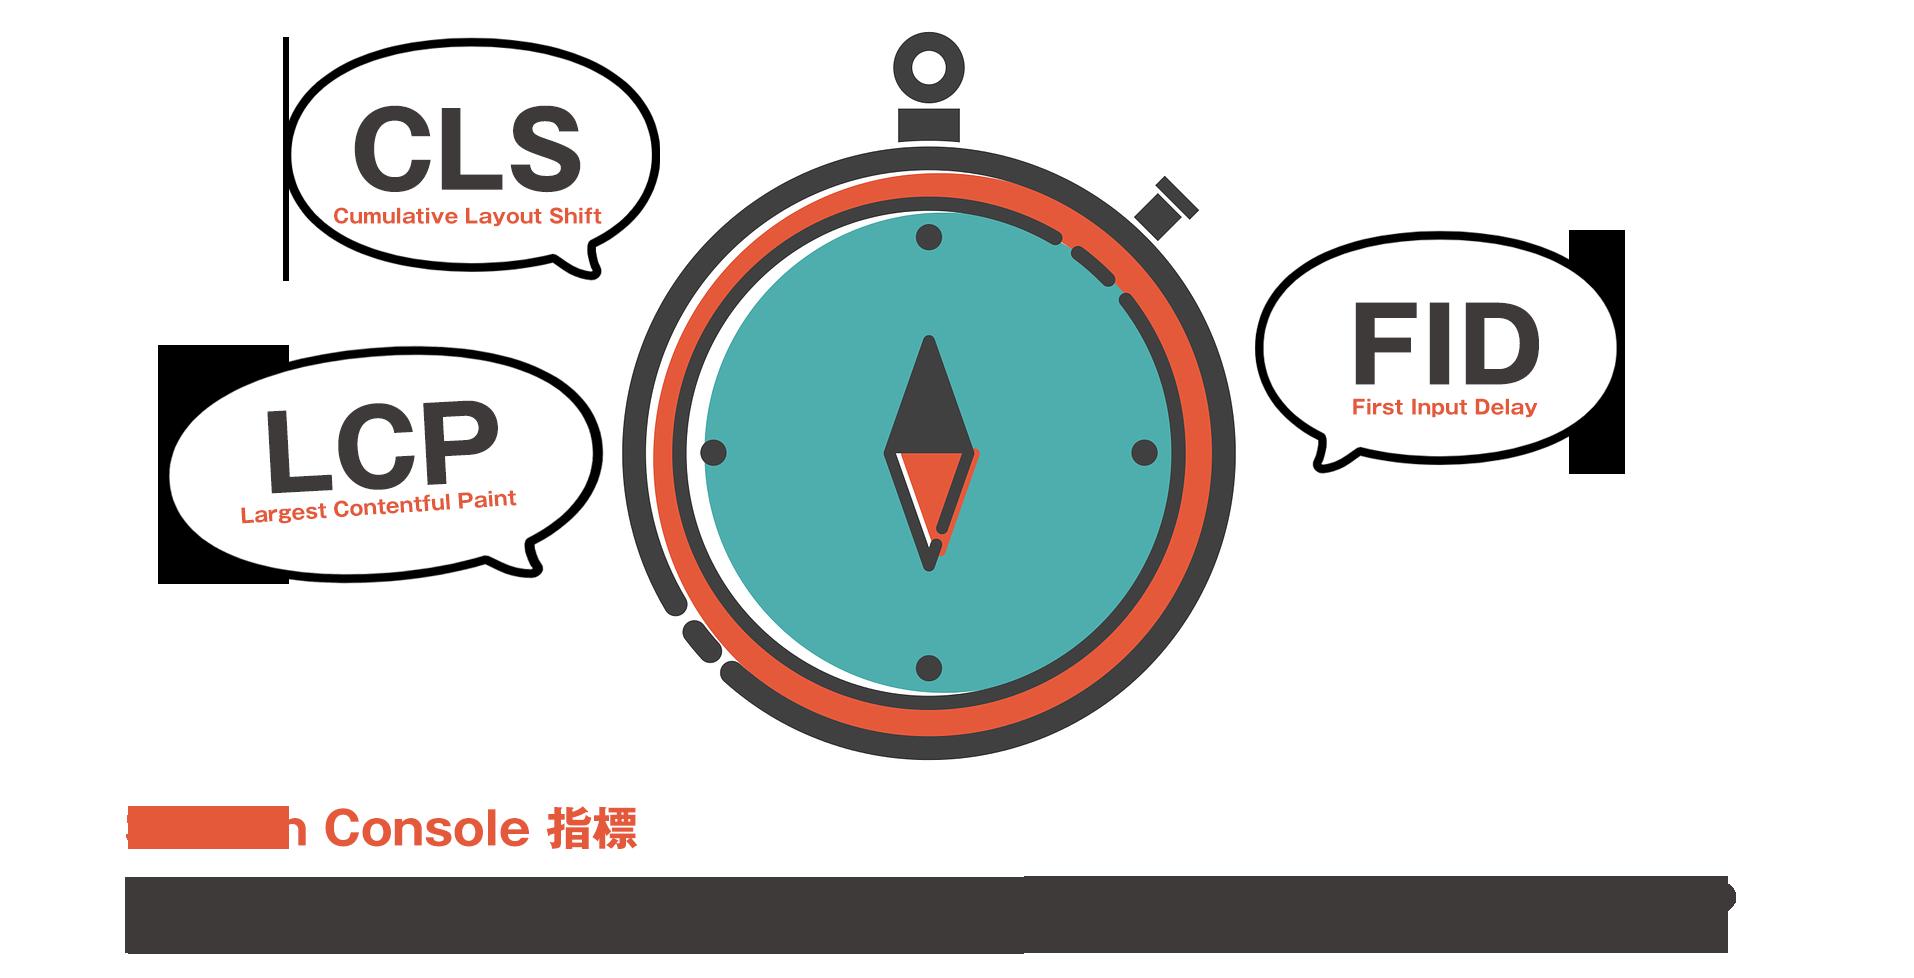 サーチコンソールで目にする「CLS」「LCP」「FID」ってなに?改善方法は?